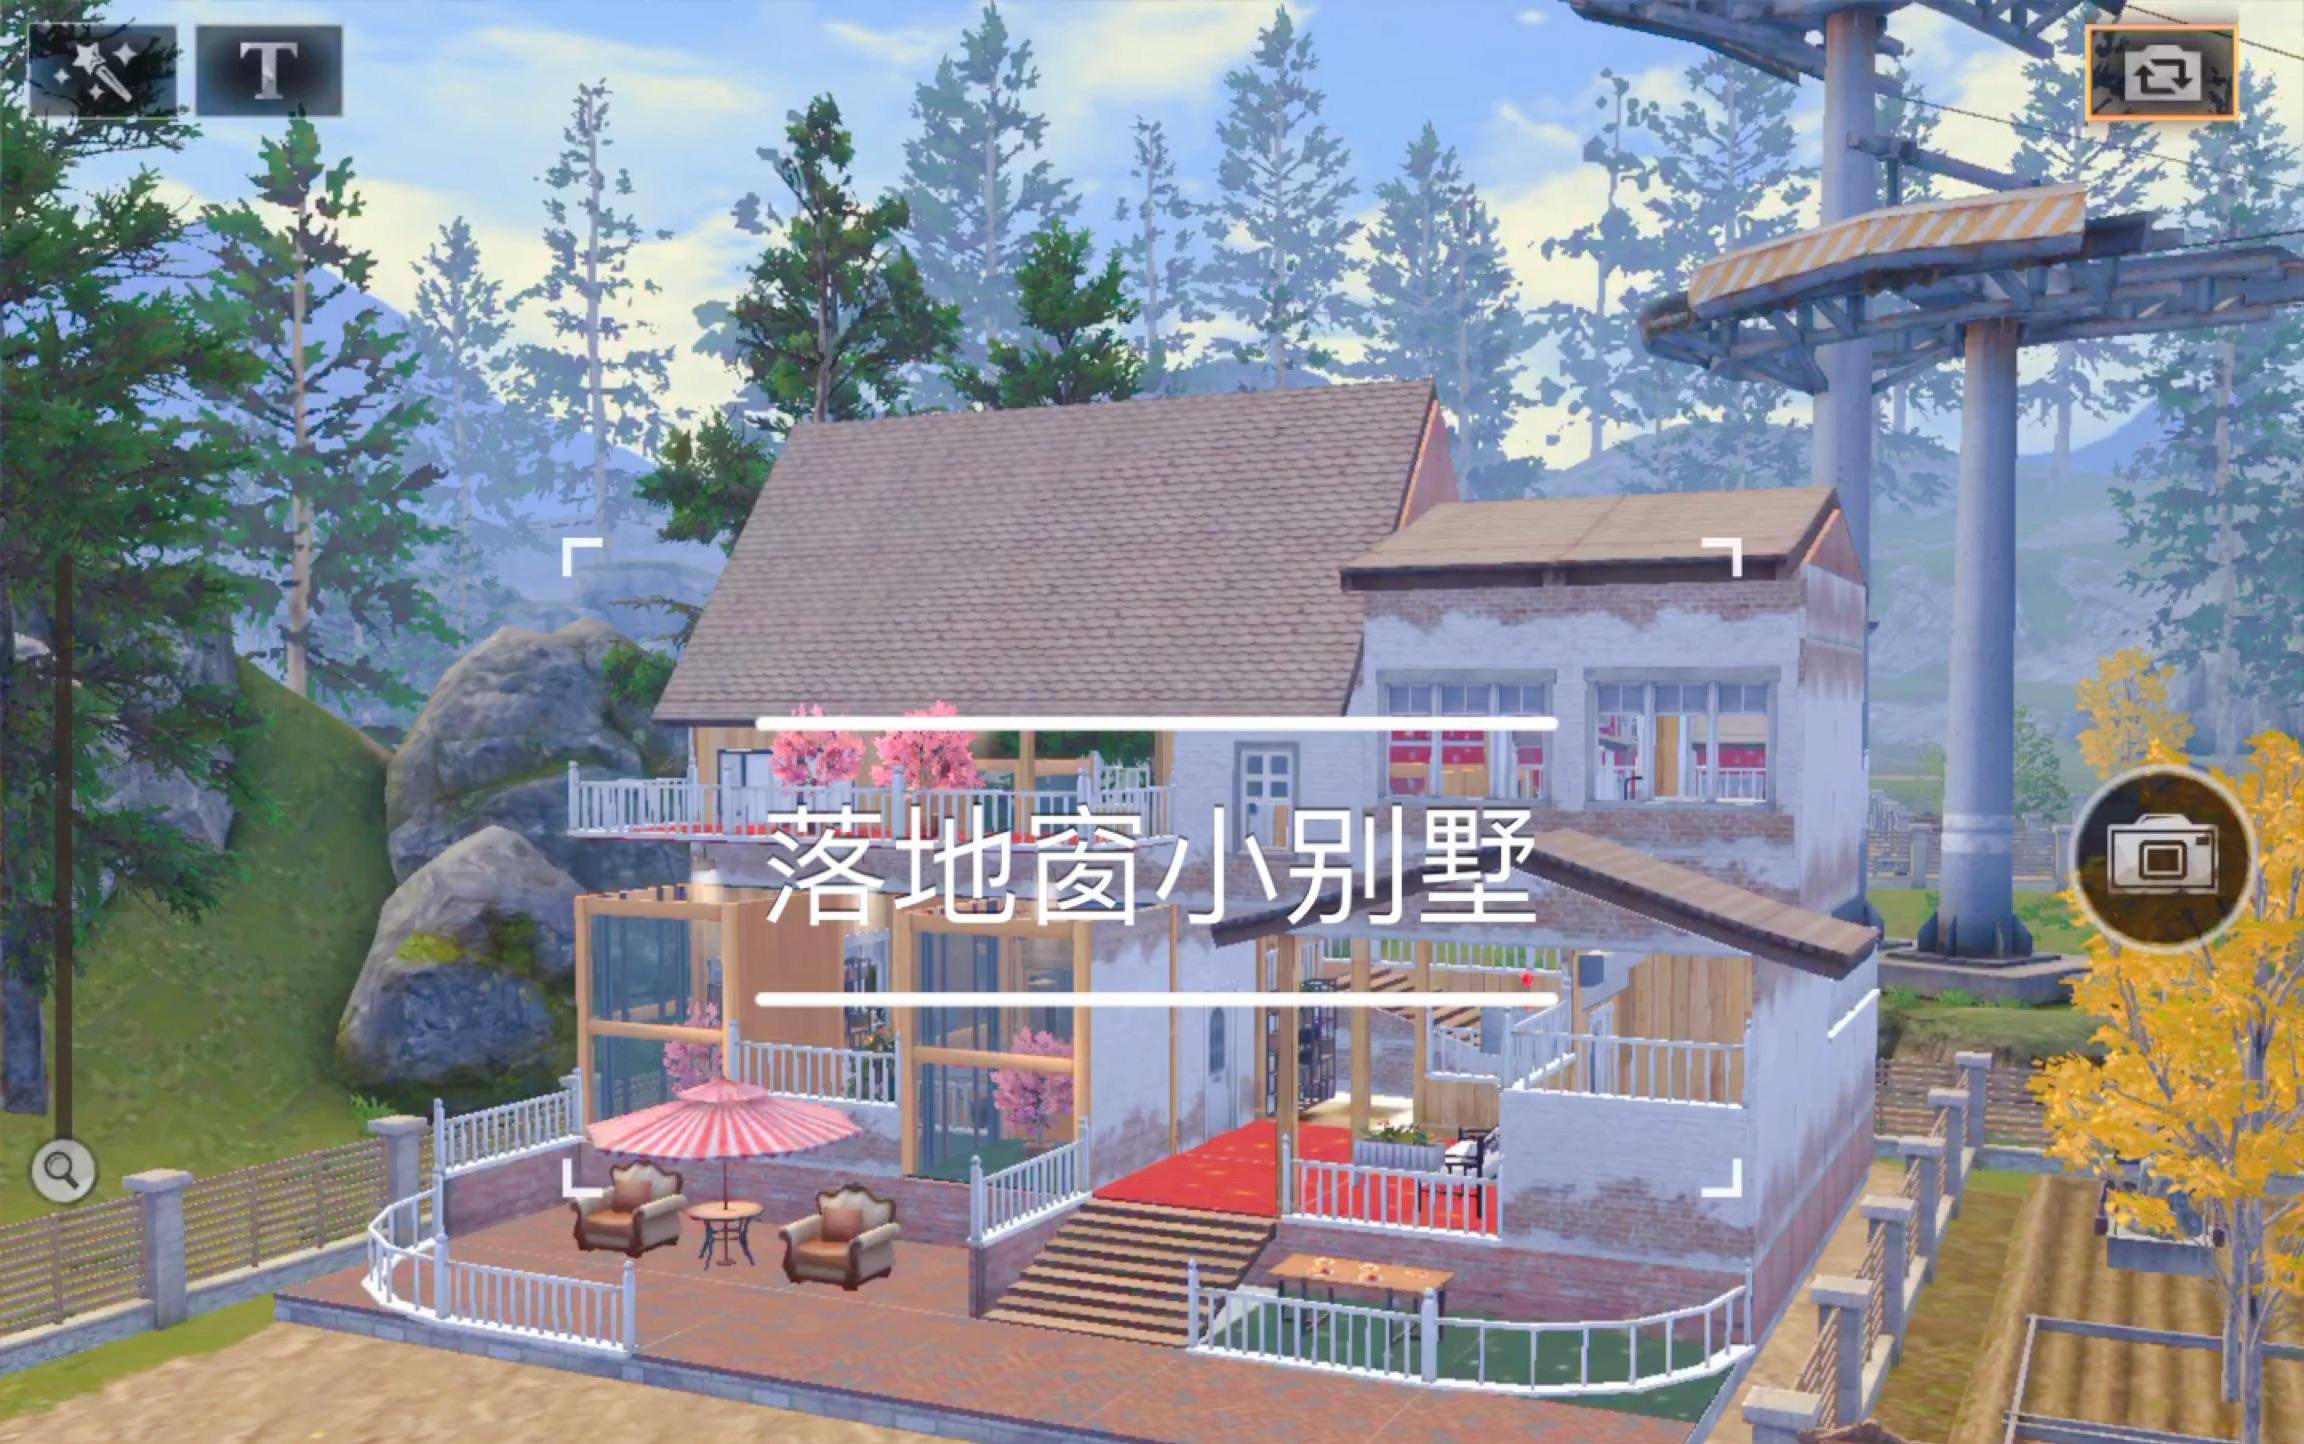 【明日之后】庄园设计 /小若升 现代化落地窗小别墅